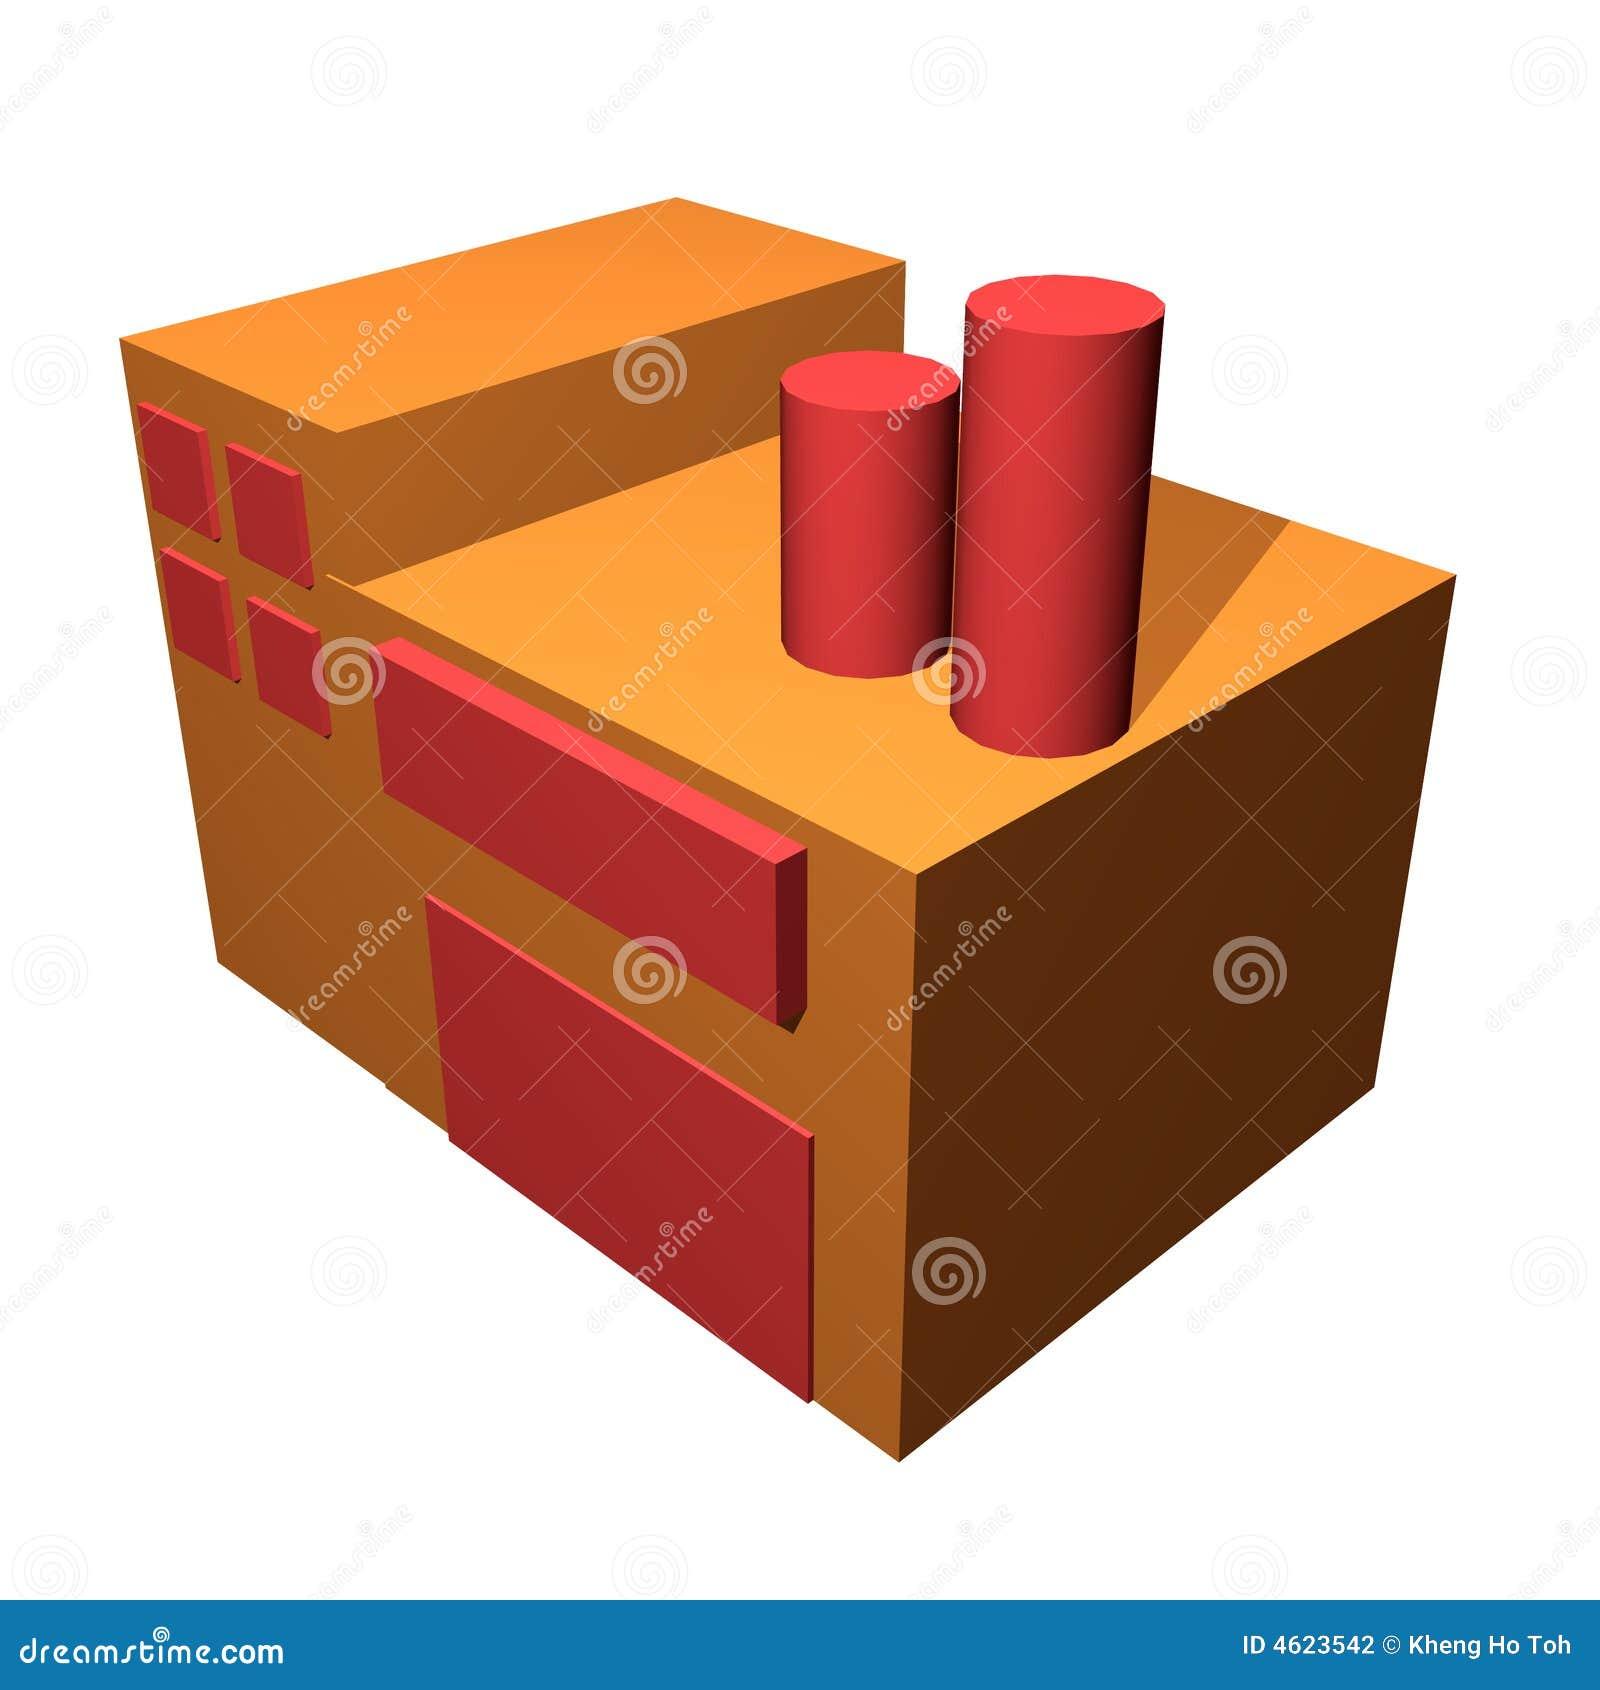 Clipart Images Graphiques Generique Simple D Usine Illustration Stock Illustration Du Simple Generique 4623542